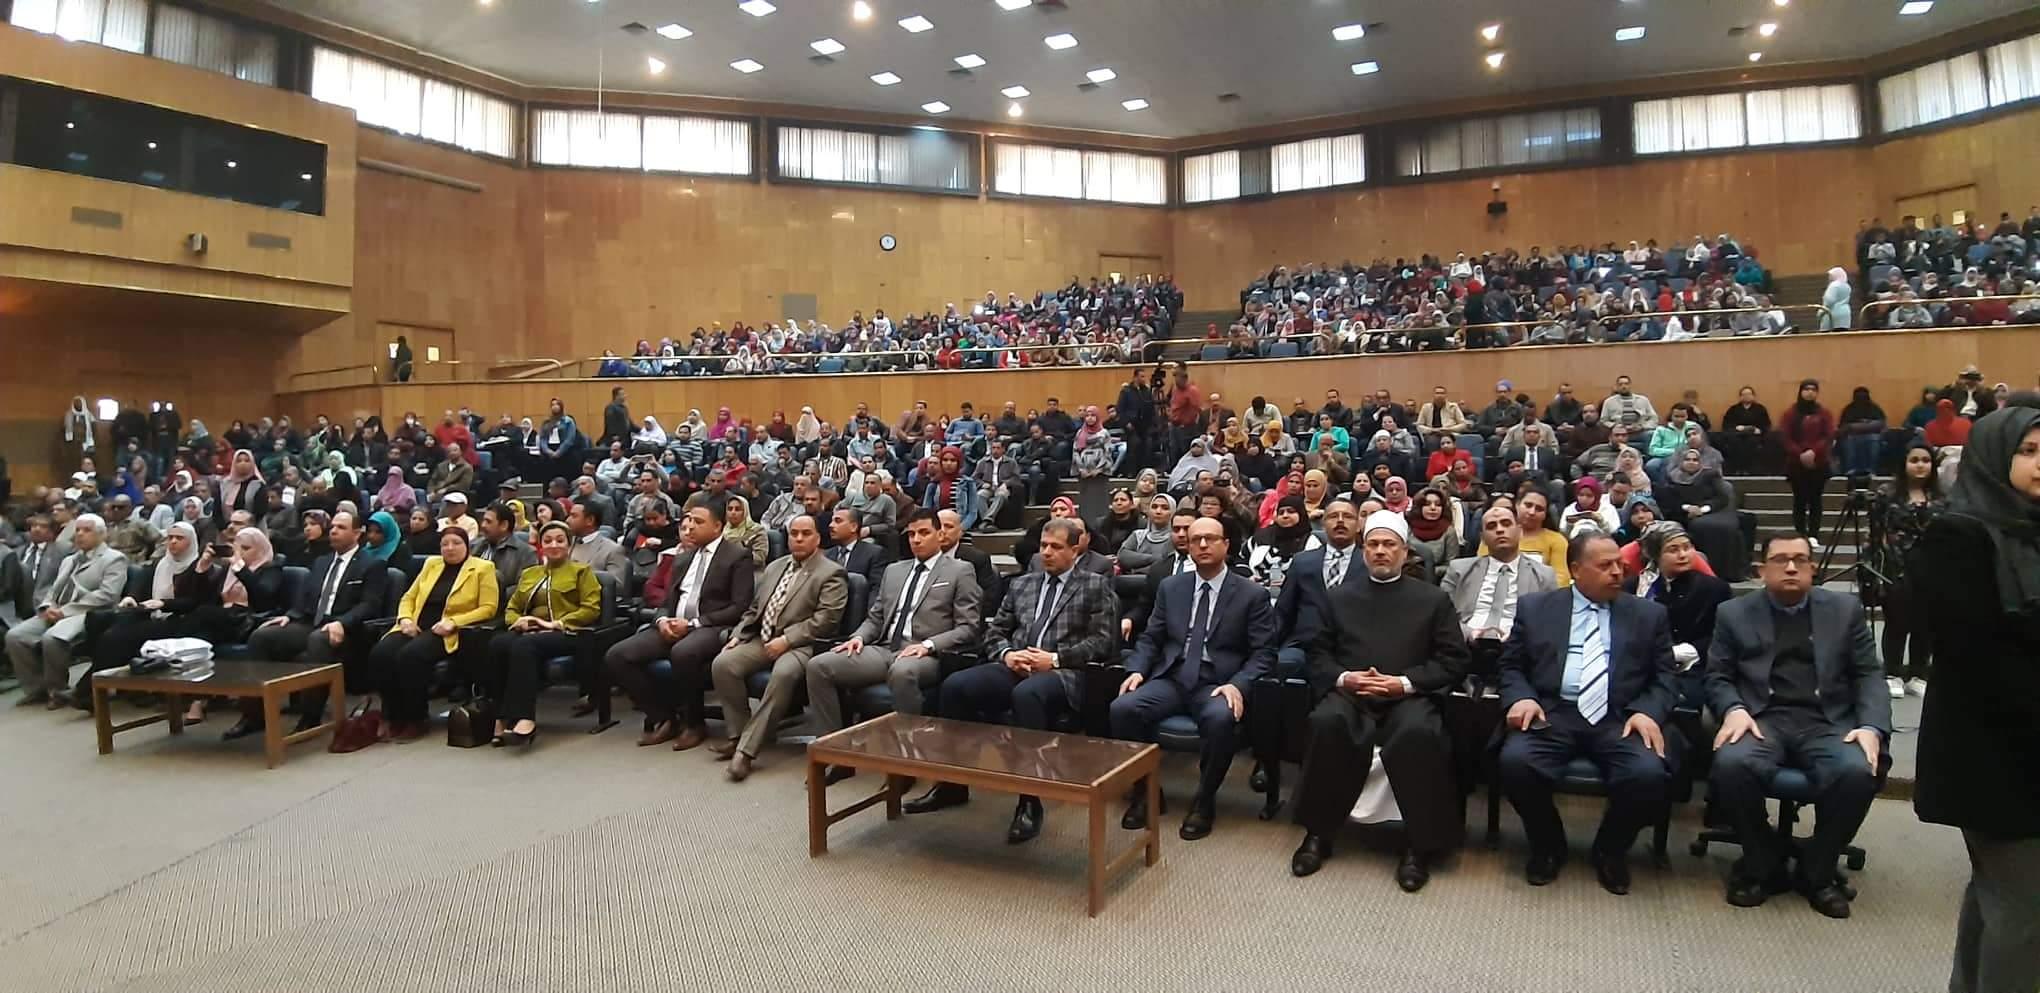 ندوة دور الدولة فى حماية المستهلك بجامعة أسيوط (5)